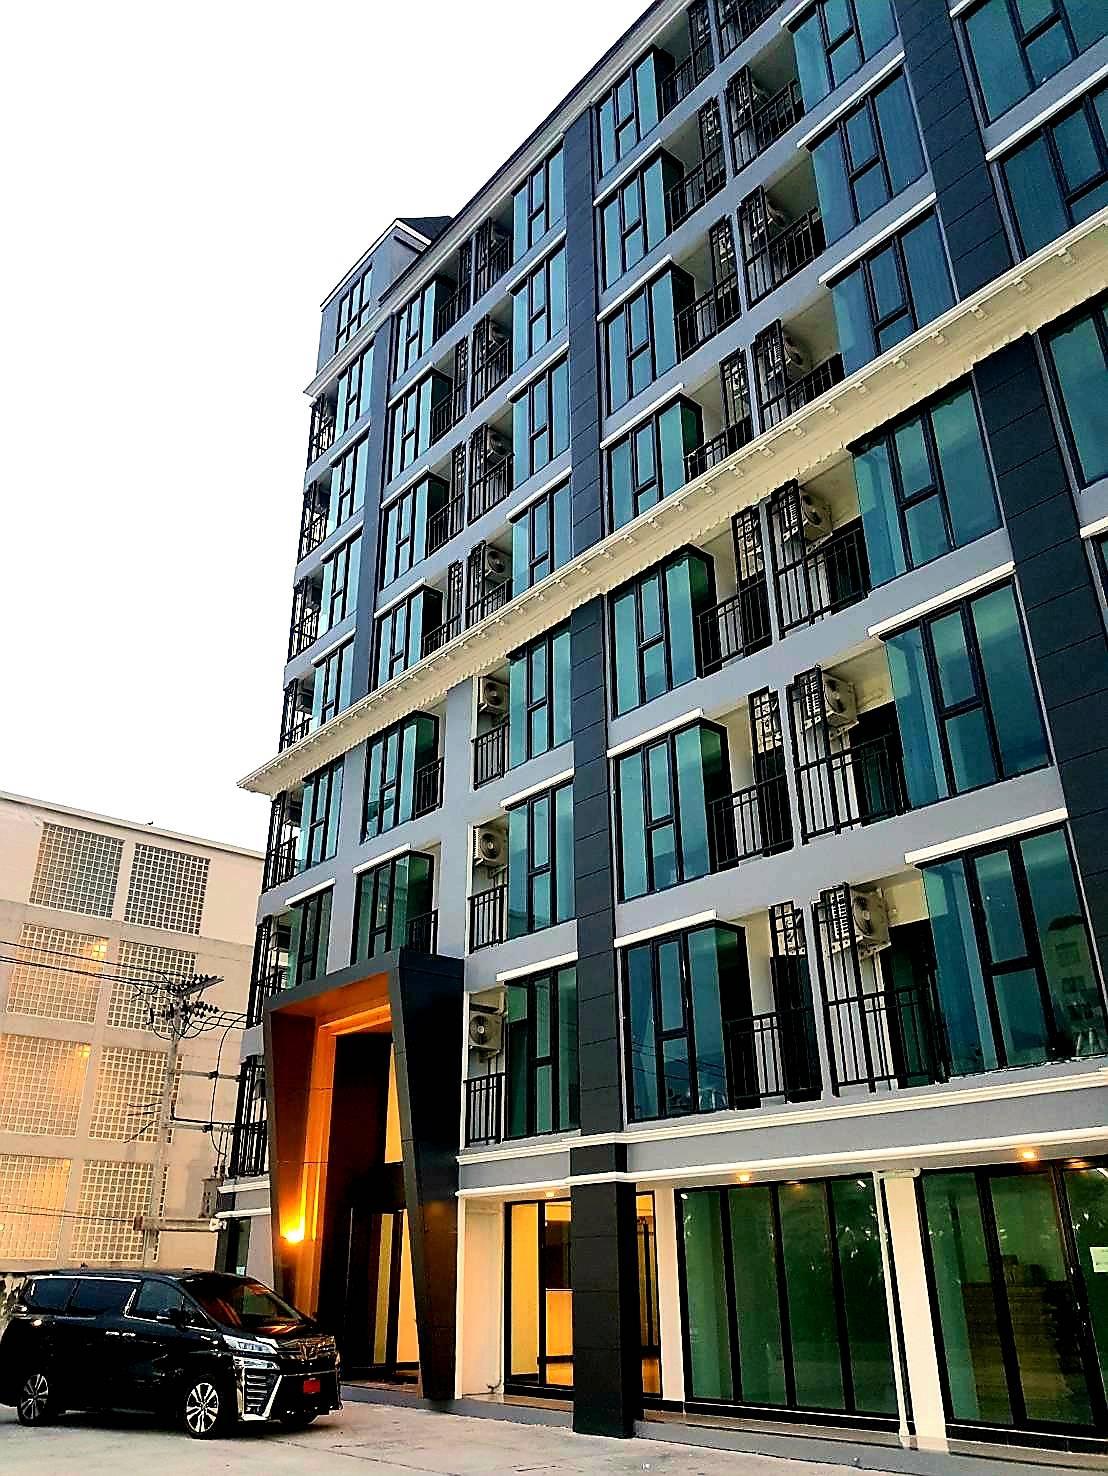 ภาพดิ โอนิกซ์ คอร์ท ( The Onix Court ) ห้องพัก เปิดใหม่ สวย ถูก รายเดือน รายวัน ใกล้ รถไฟฟ้า BTS อุดมสุข 300 ม. ( สุขุมวิท 66/1 ) มีรถส่งถึง BTS ฟรี ใกล้ ไบเทค บางนา ห้างฯ สนามบินสุวรรณภูมิ